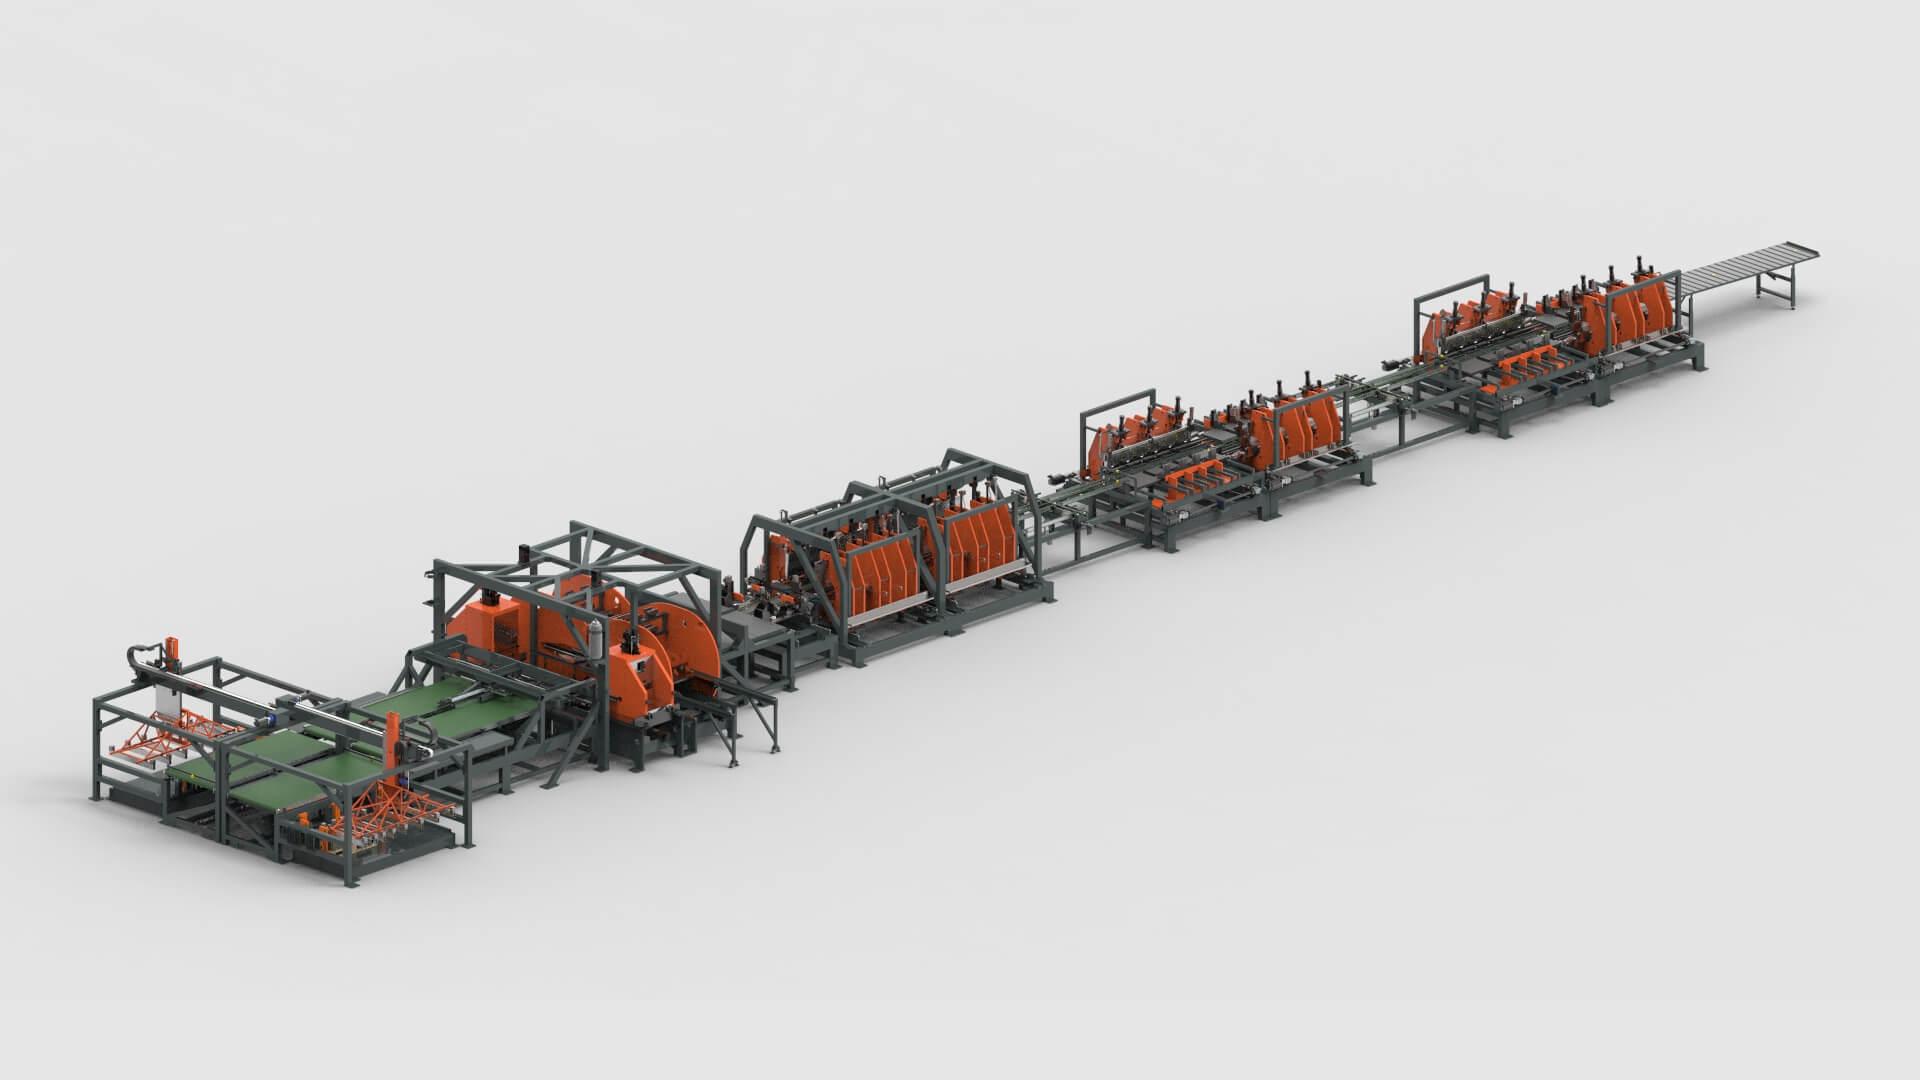 schakelkasten-plaatbewerking-ponsen-lassen-buigen-productielijn.jpg